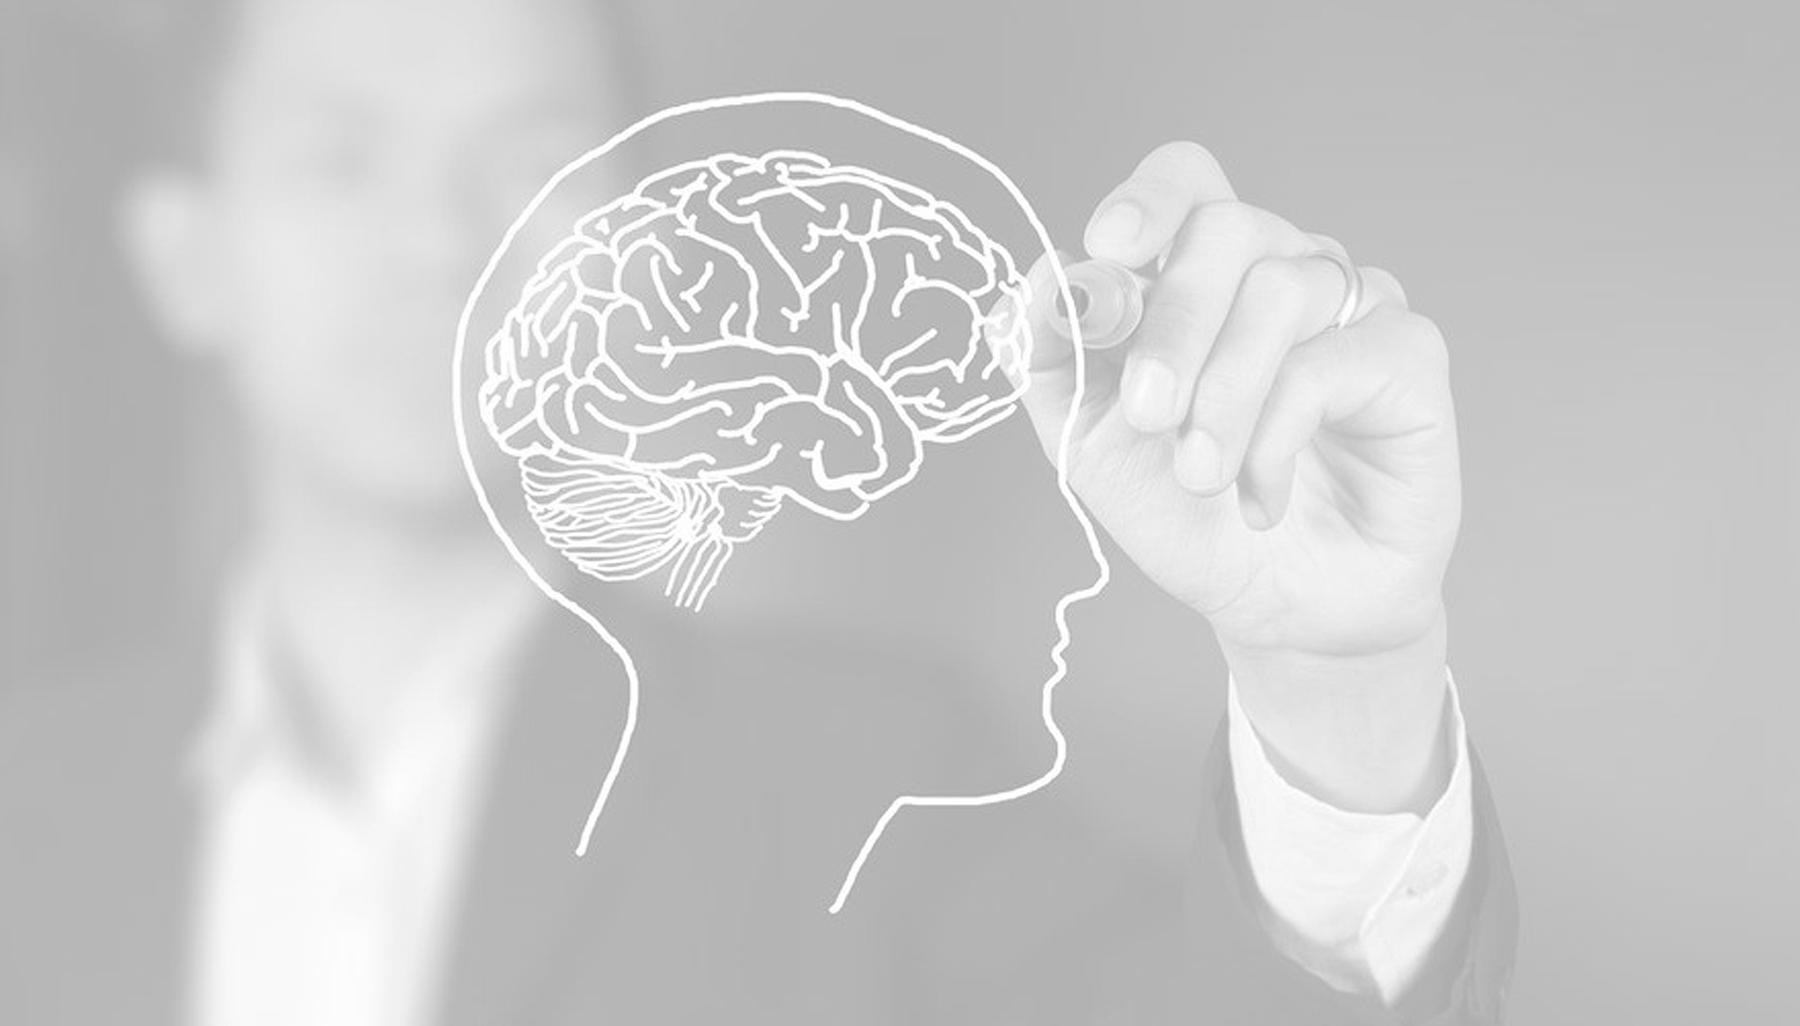 Change en het brein